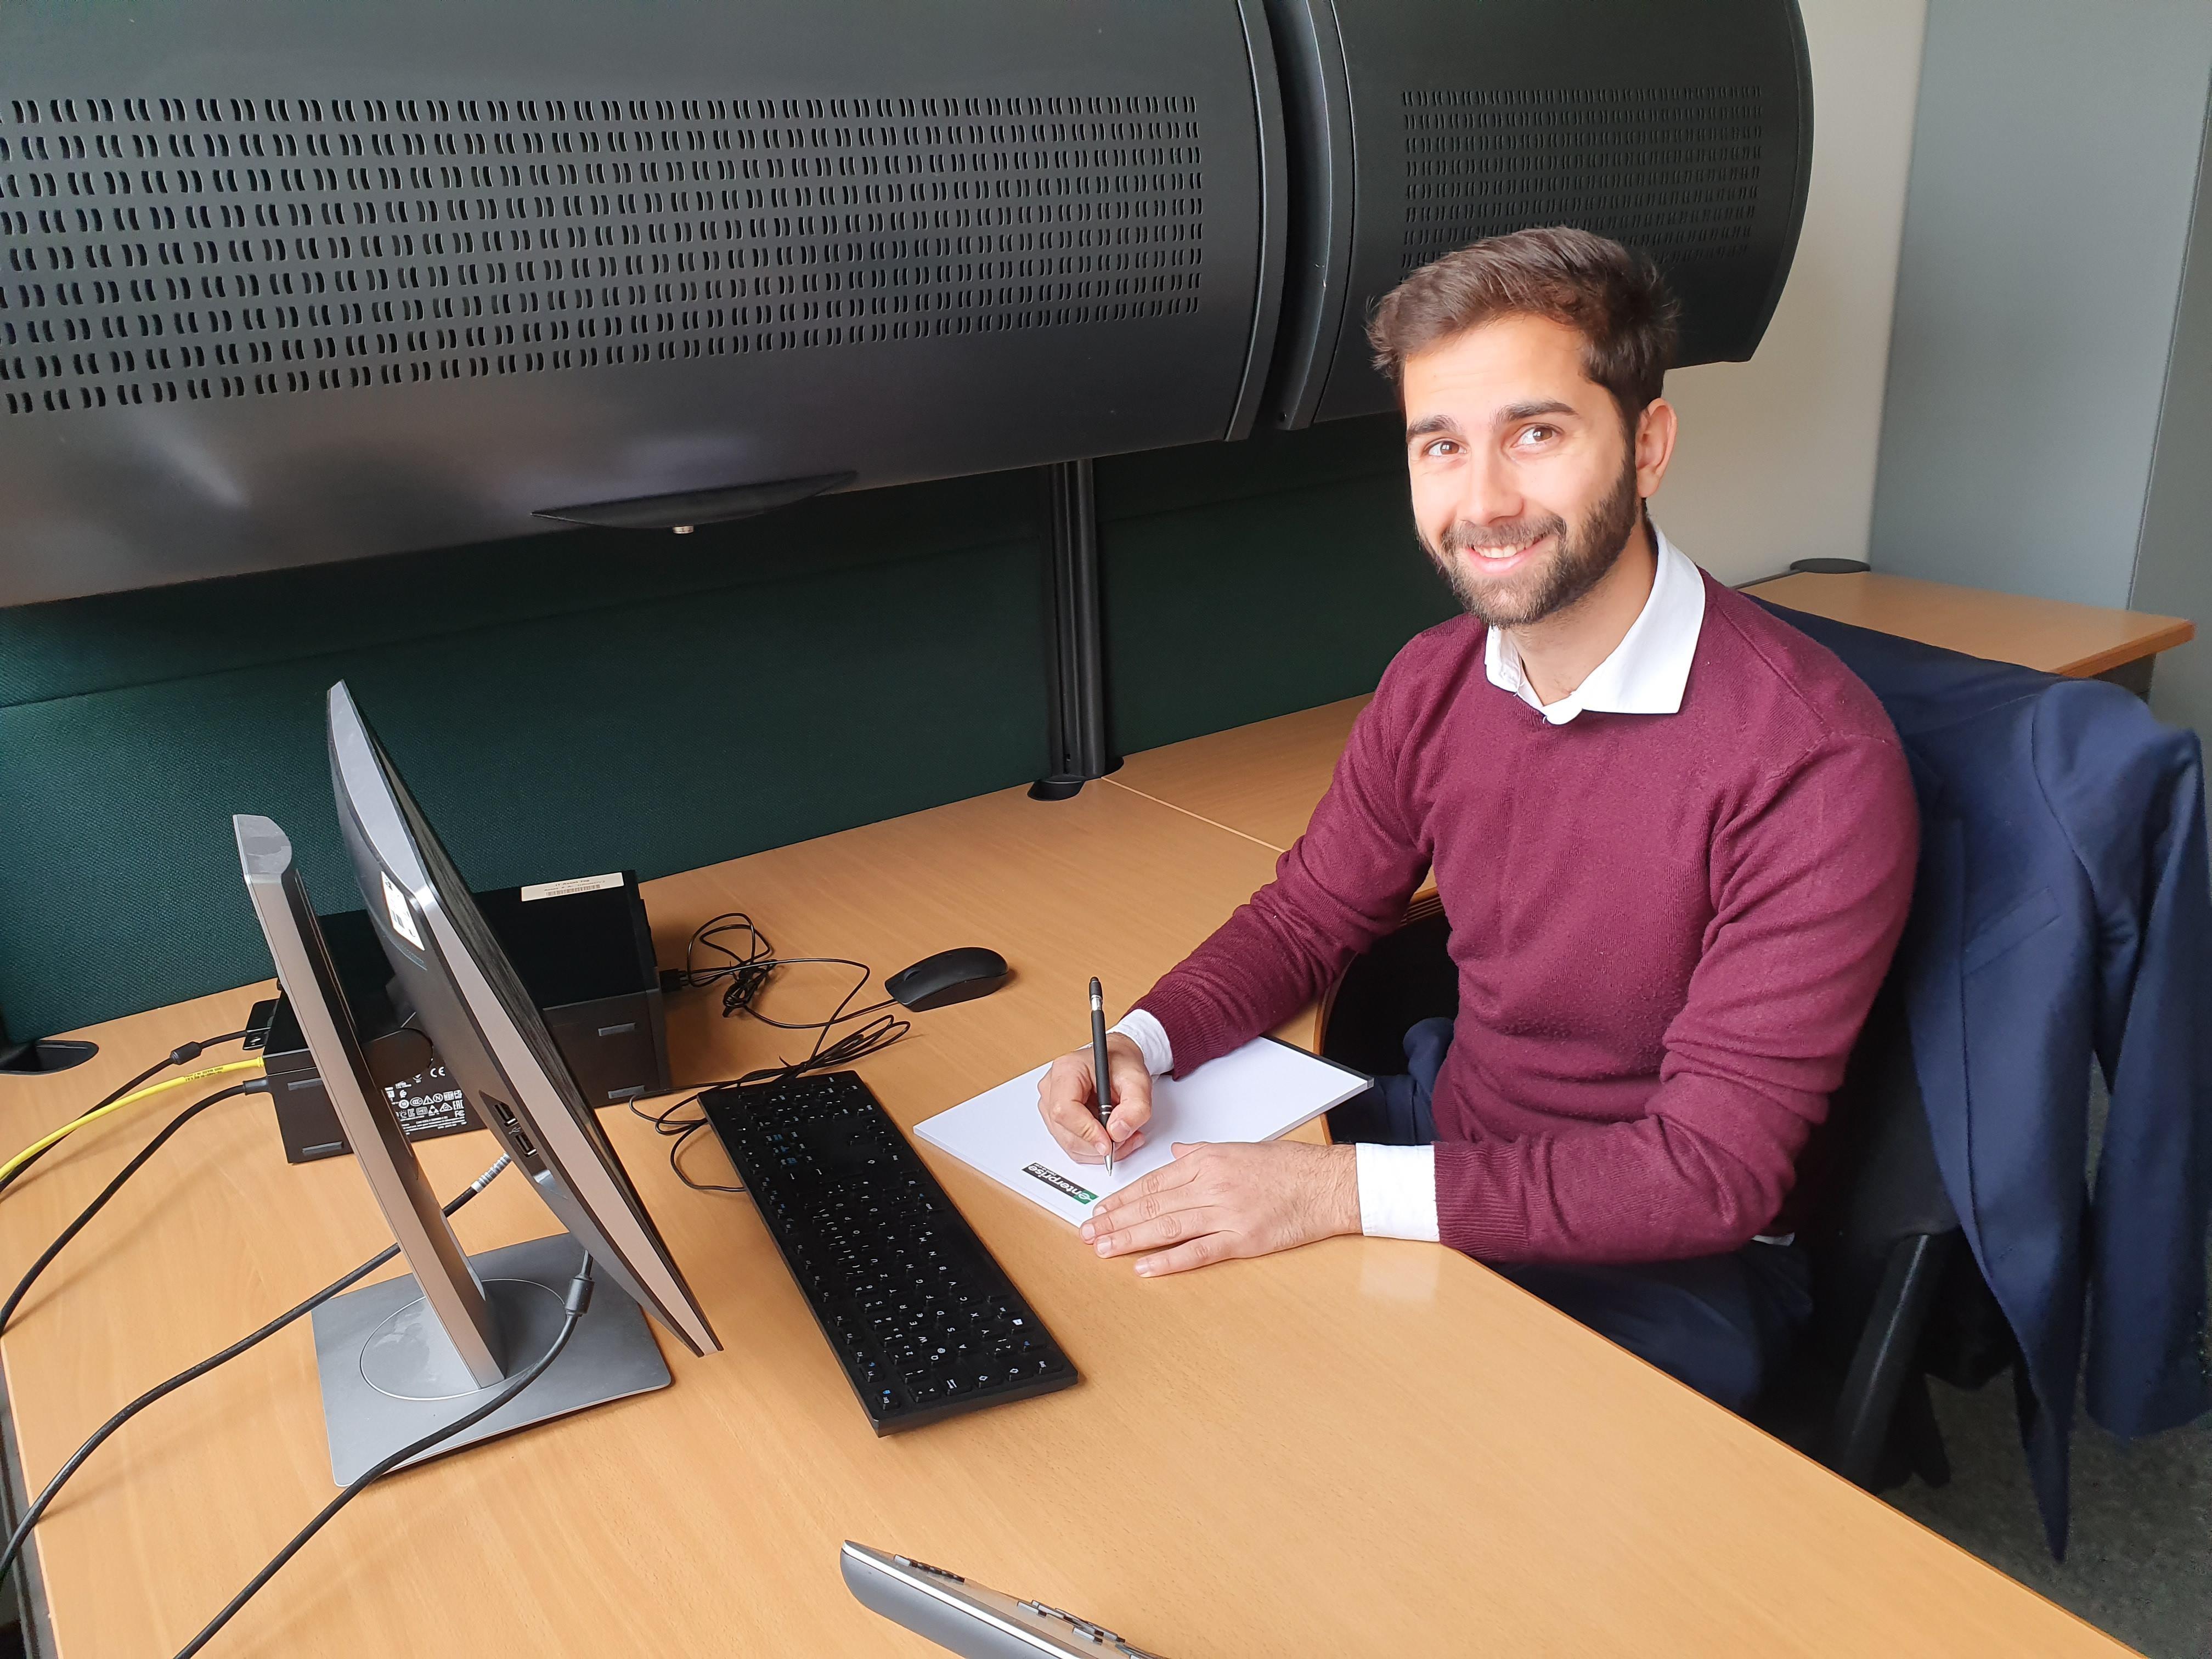 Karriere bei Enterprise: Meine Tätigkeit als Werkstudent